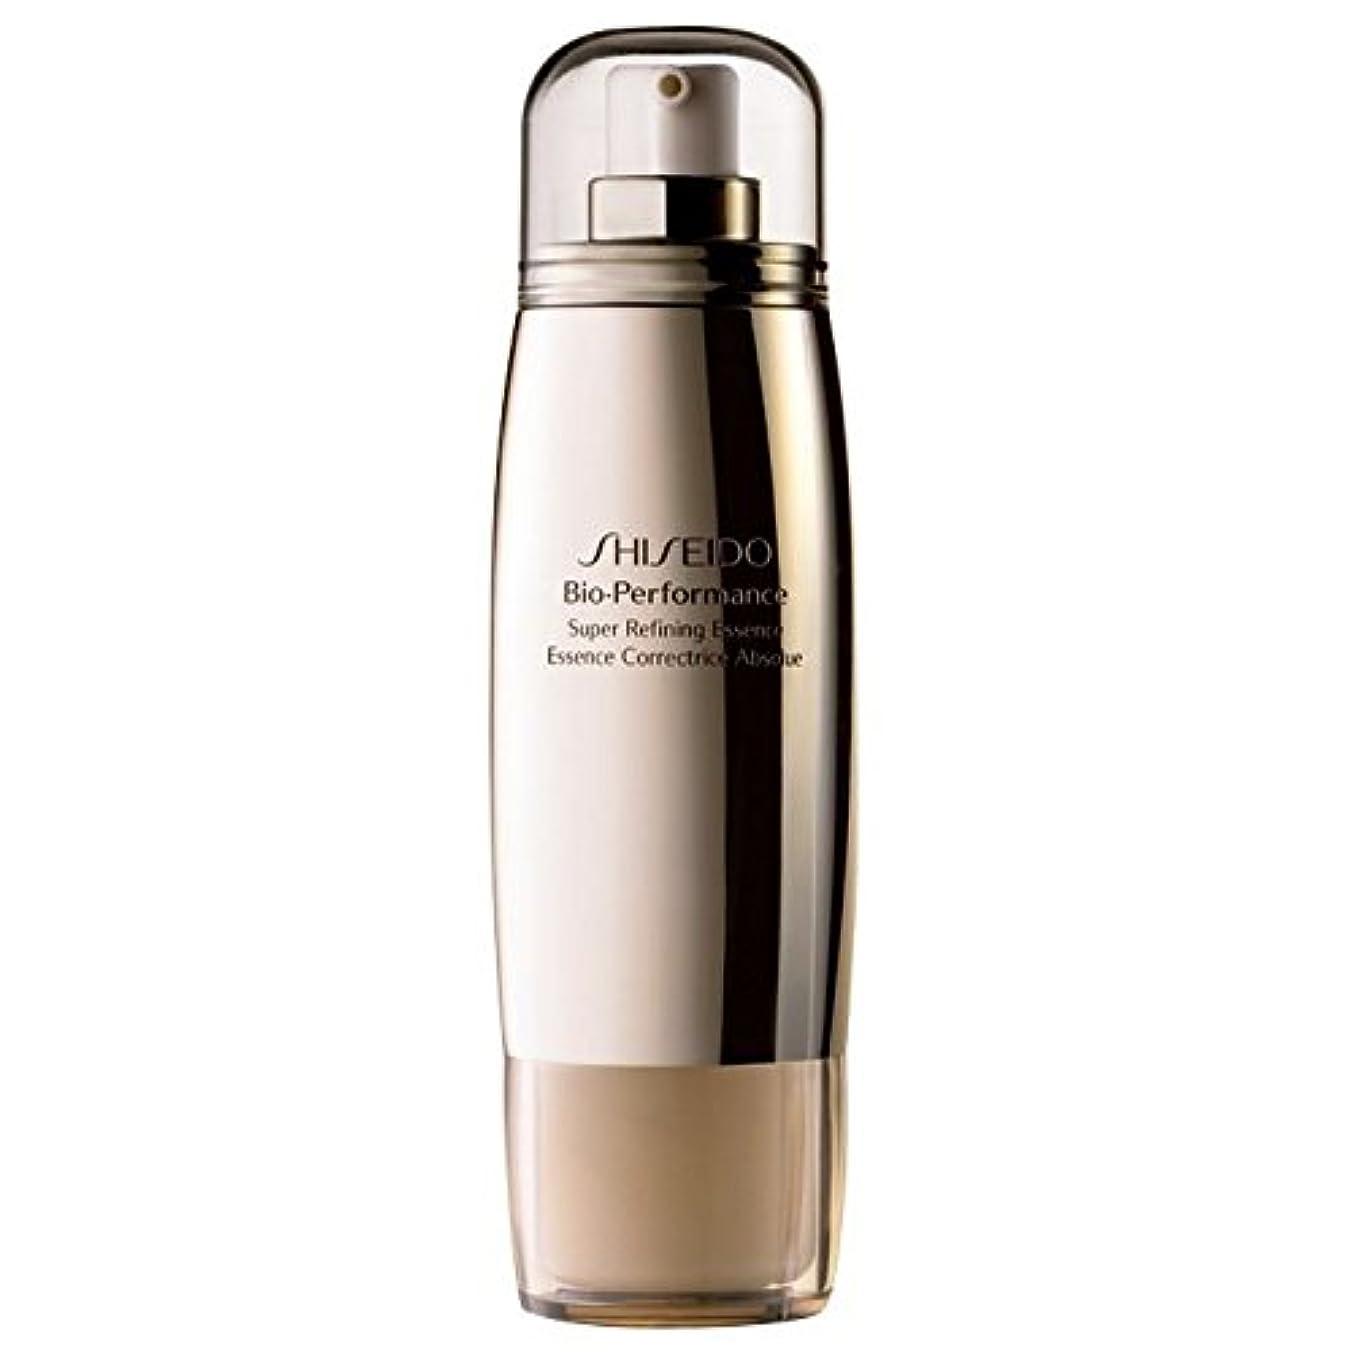 荷物高齢者瞑想する[Shiseido] 資生堂バイオパフォーマンススーパーリファイニングエッセンスの50ミリリットル - Shiseido Bio-Performance Super Refining Essence 50ml [並行輸入品]